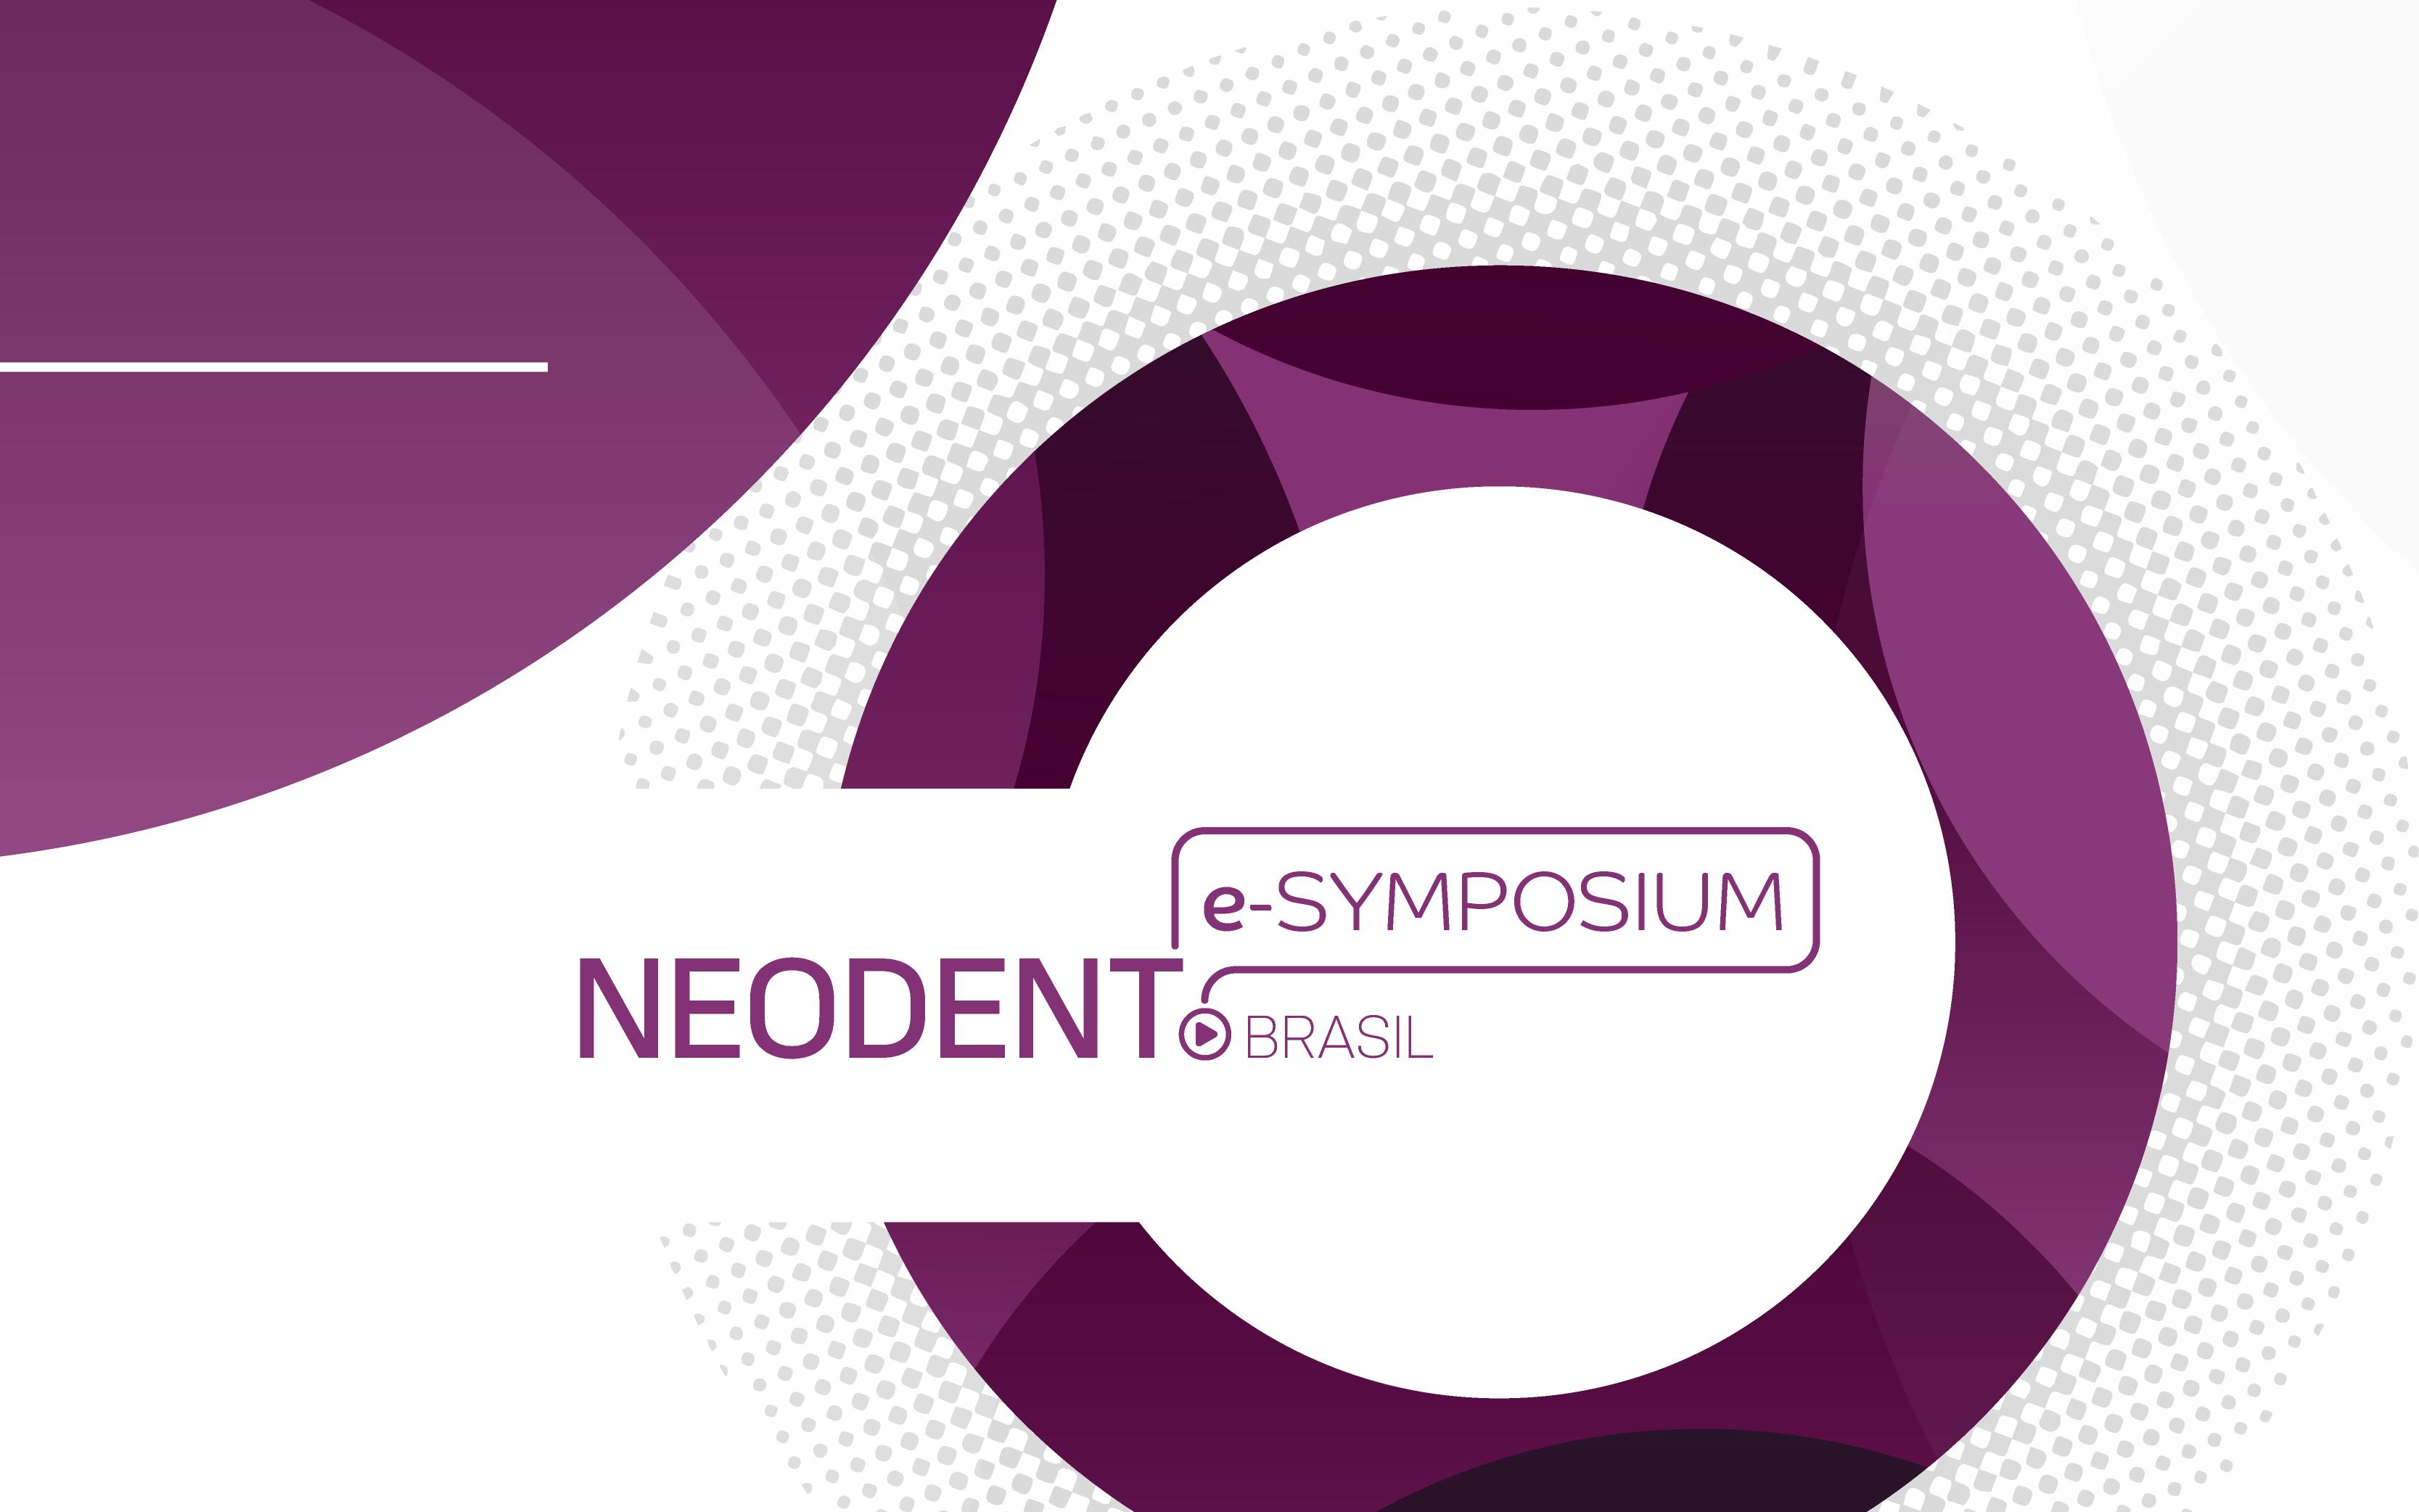 Imagem da notícia: Neodent e-Symposium: dois portugueses participam no evento digital